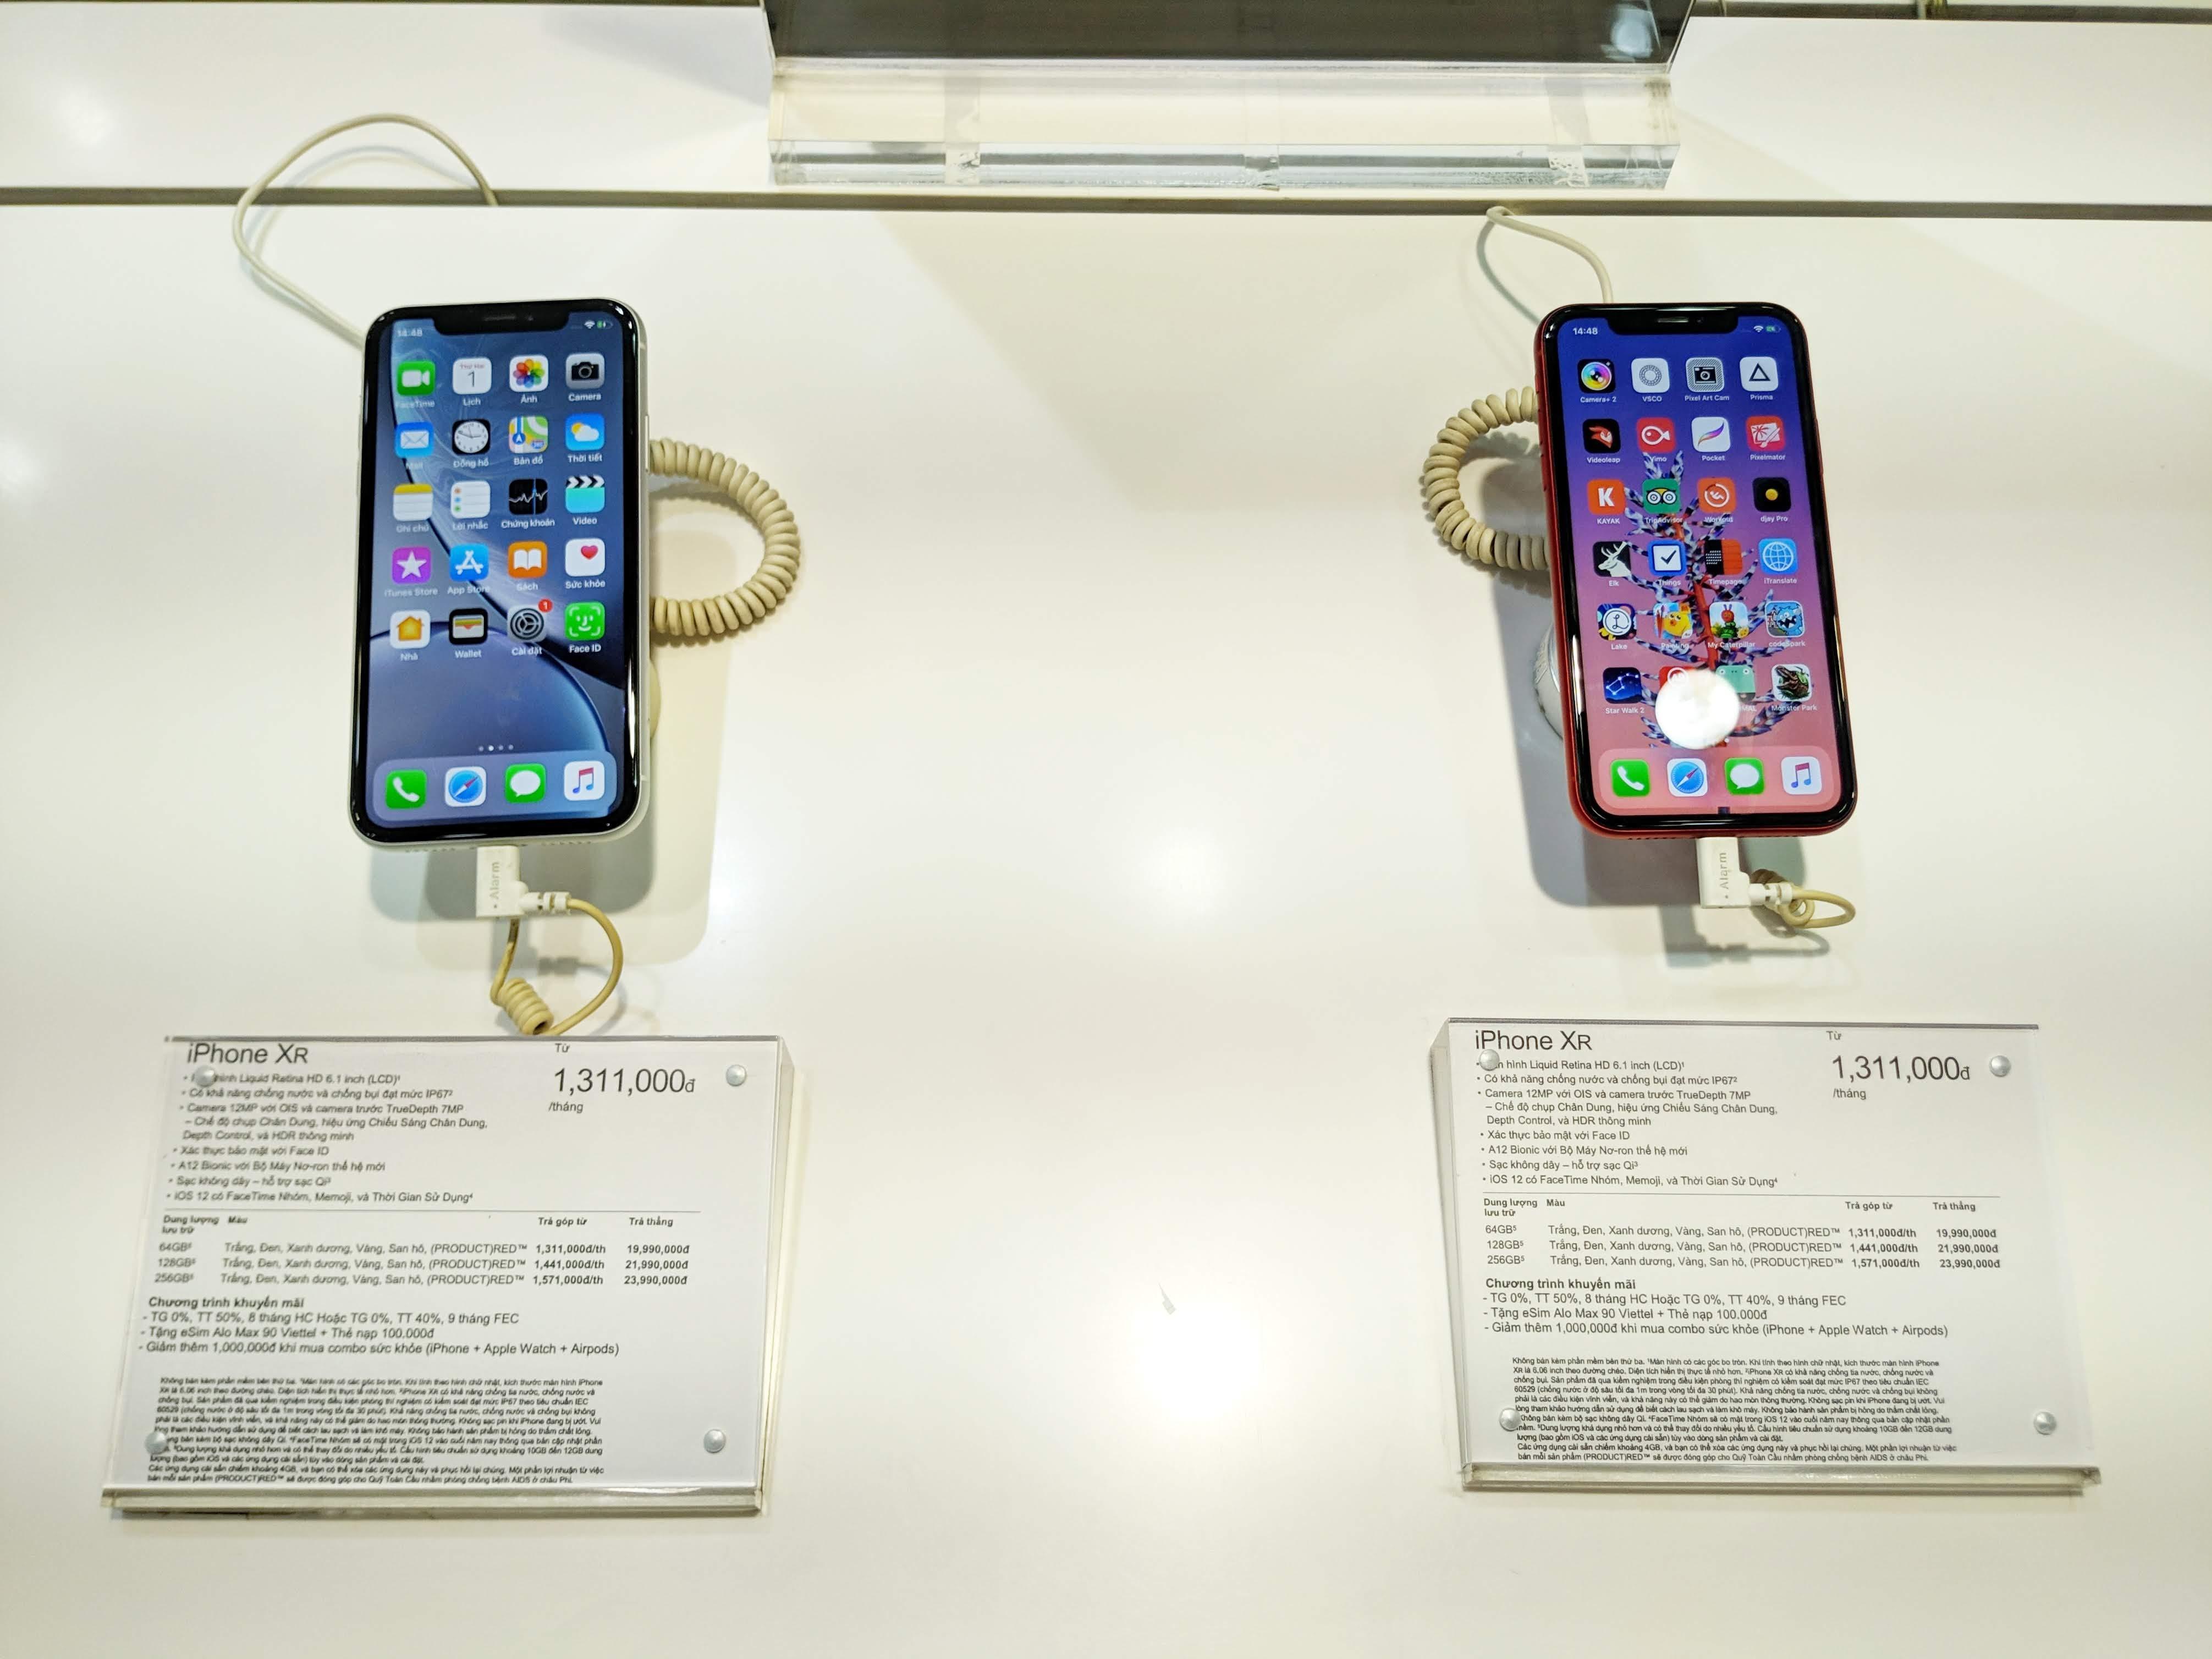 Giá iPhone 12 rẻ hơn iPhone 11 khi về Việt Nam - Ảnh 2.